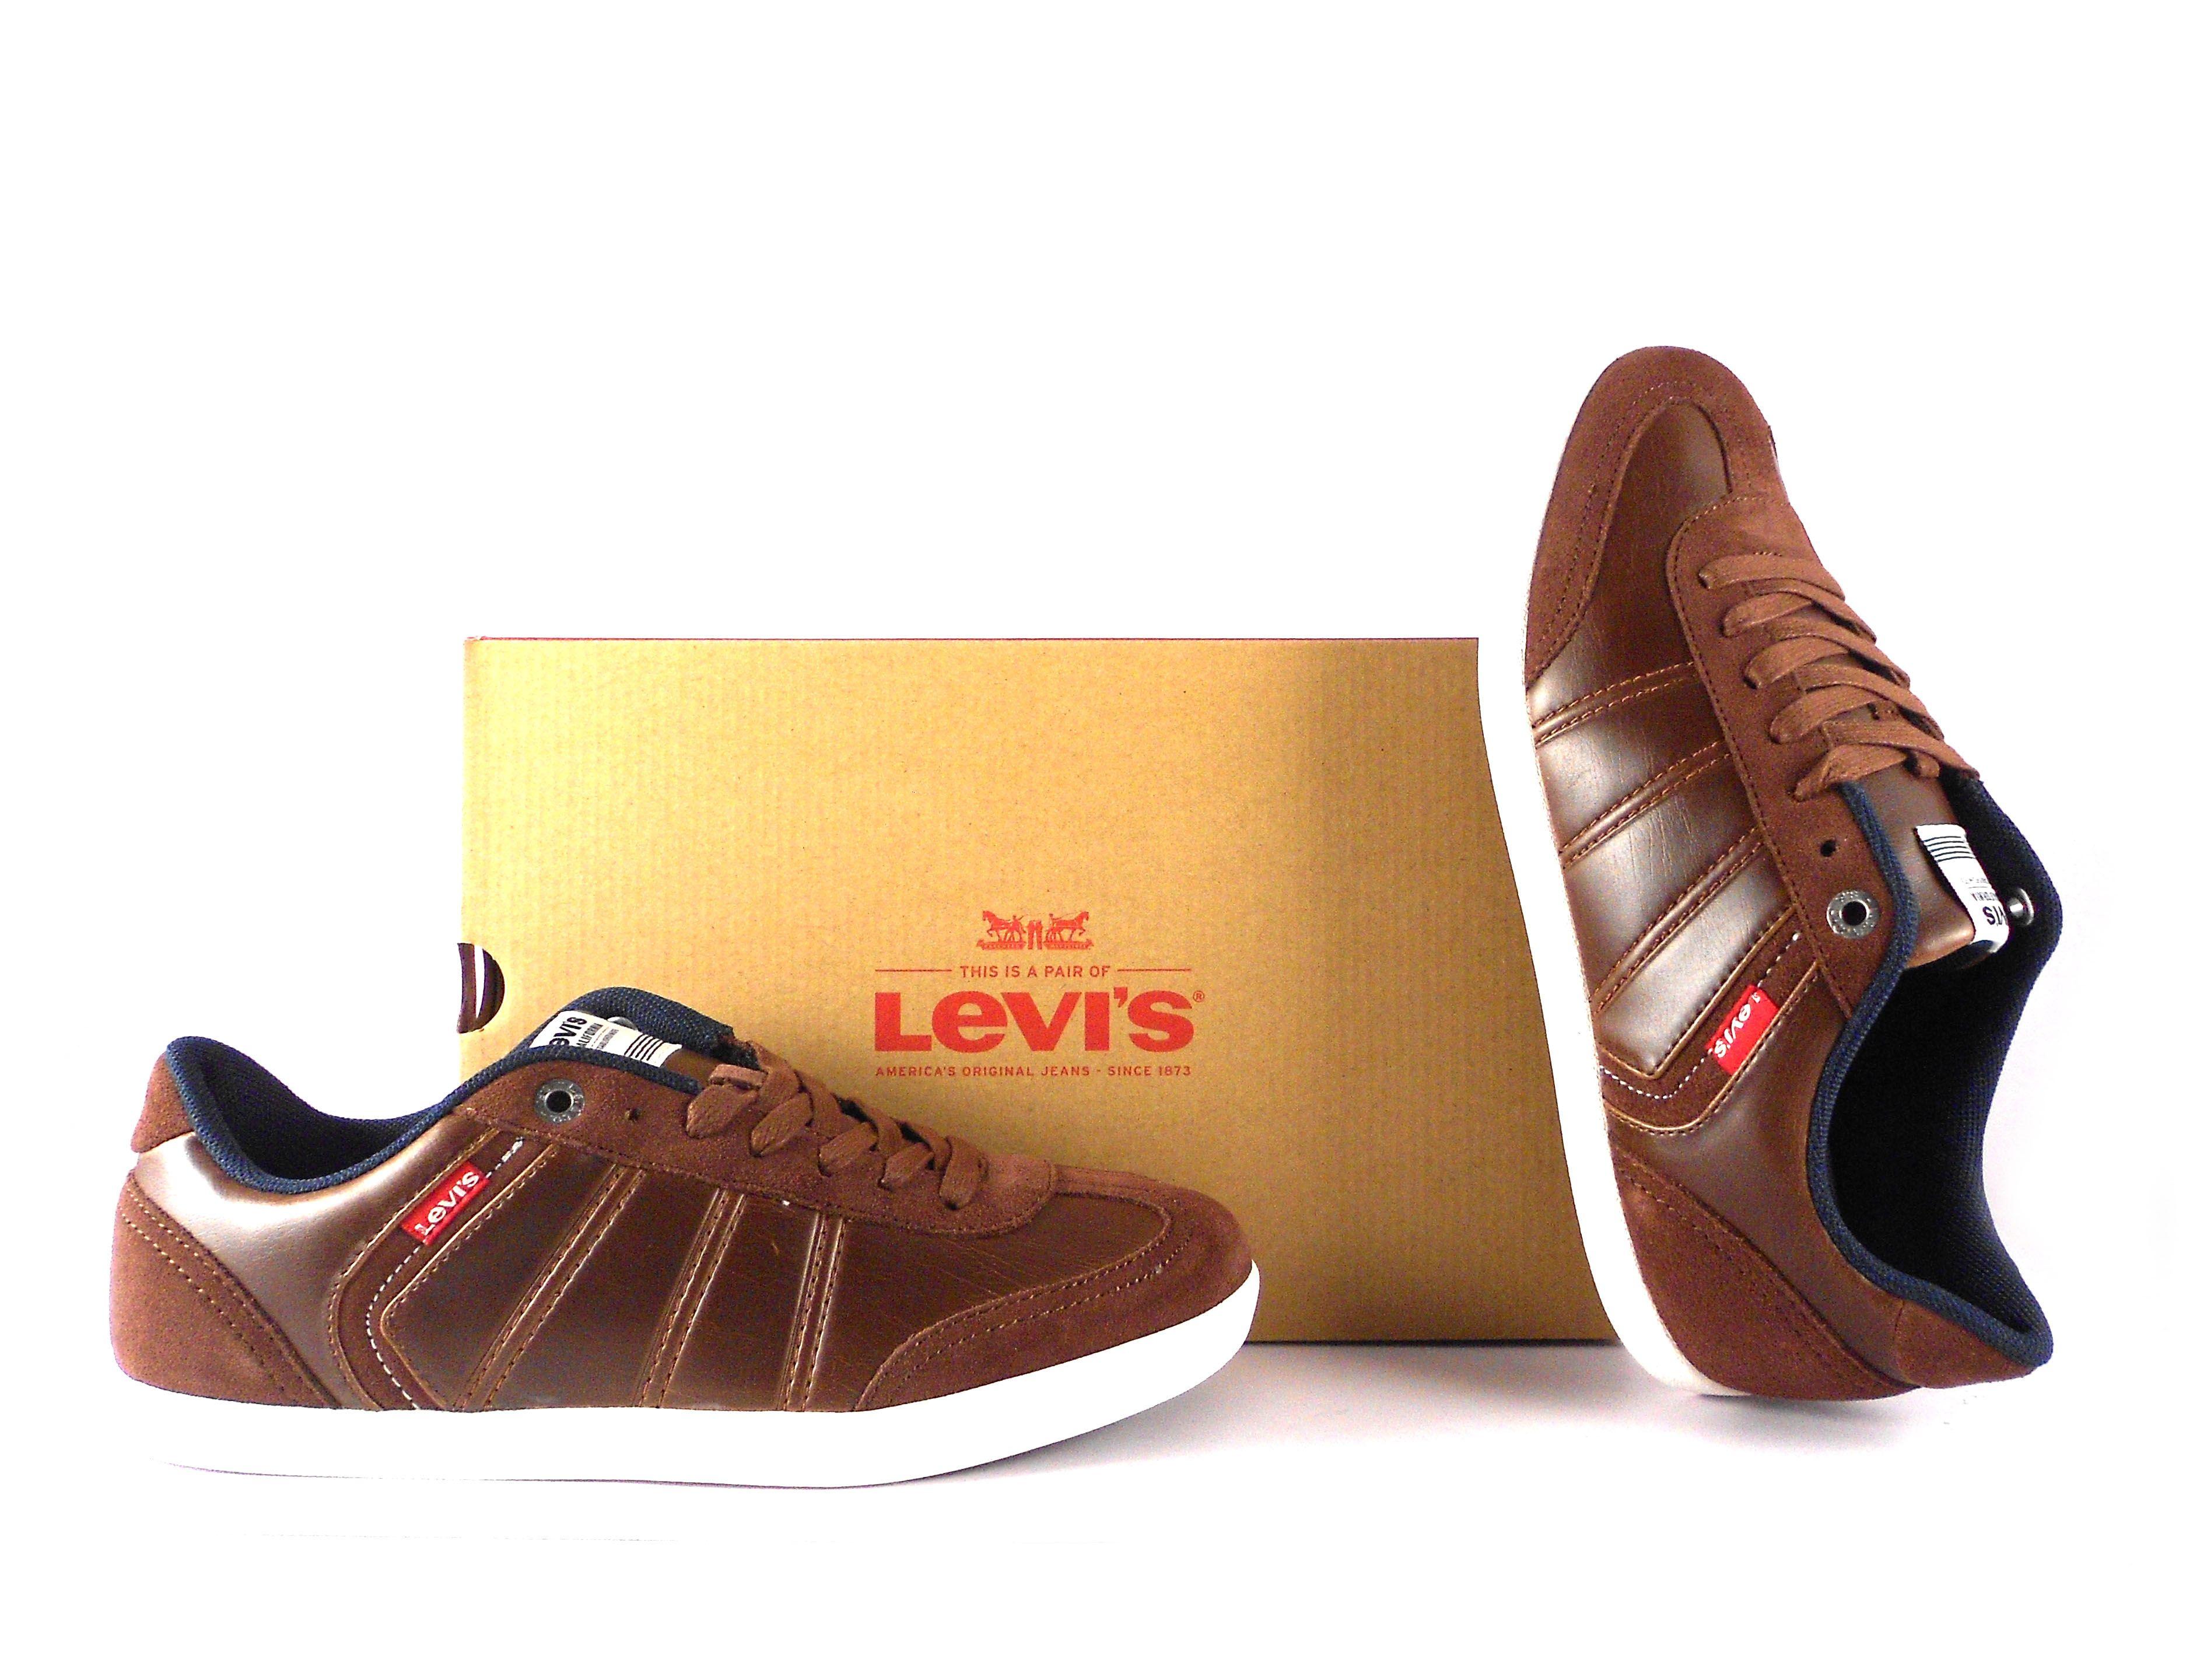 b466d529 Deportivas Levis hombre Loch dark brown | Botas y deportivas Levis ...